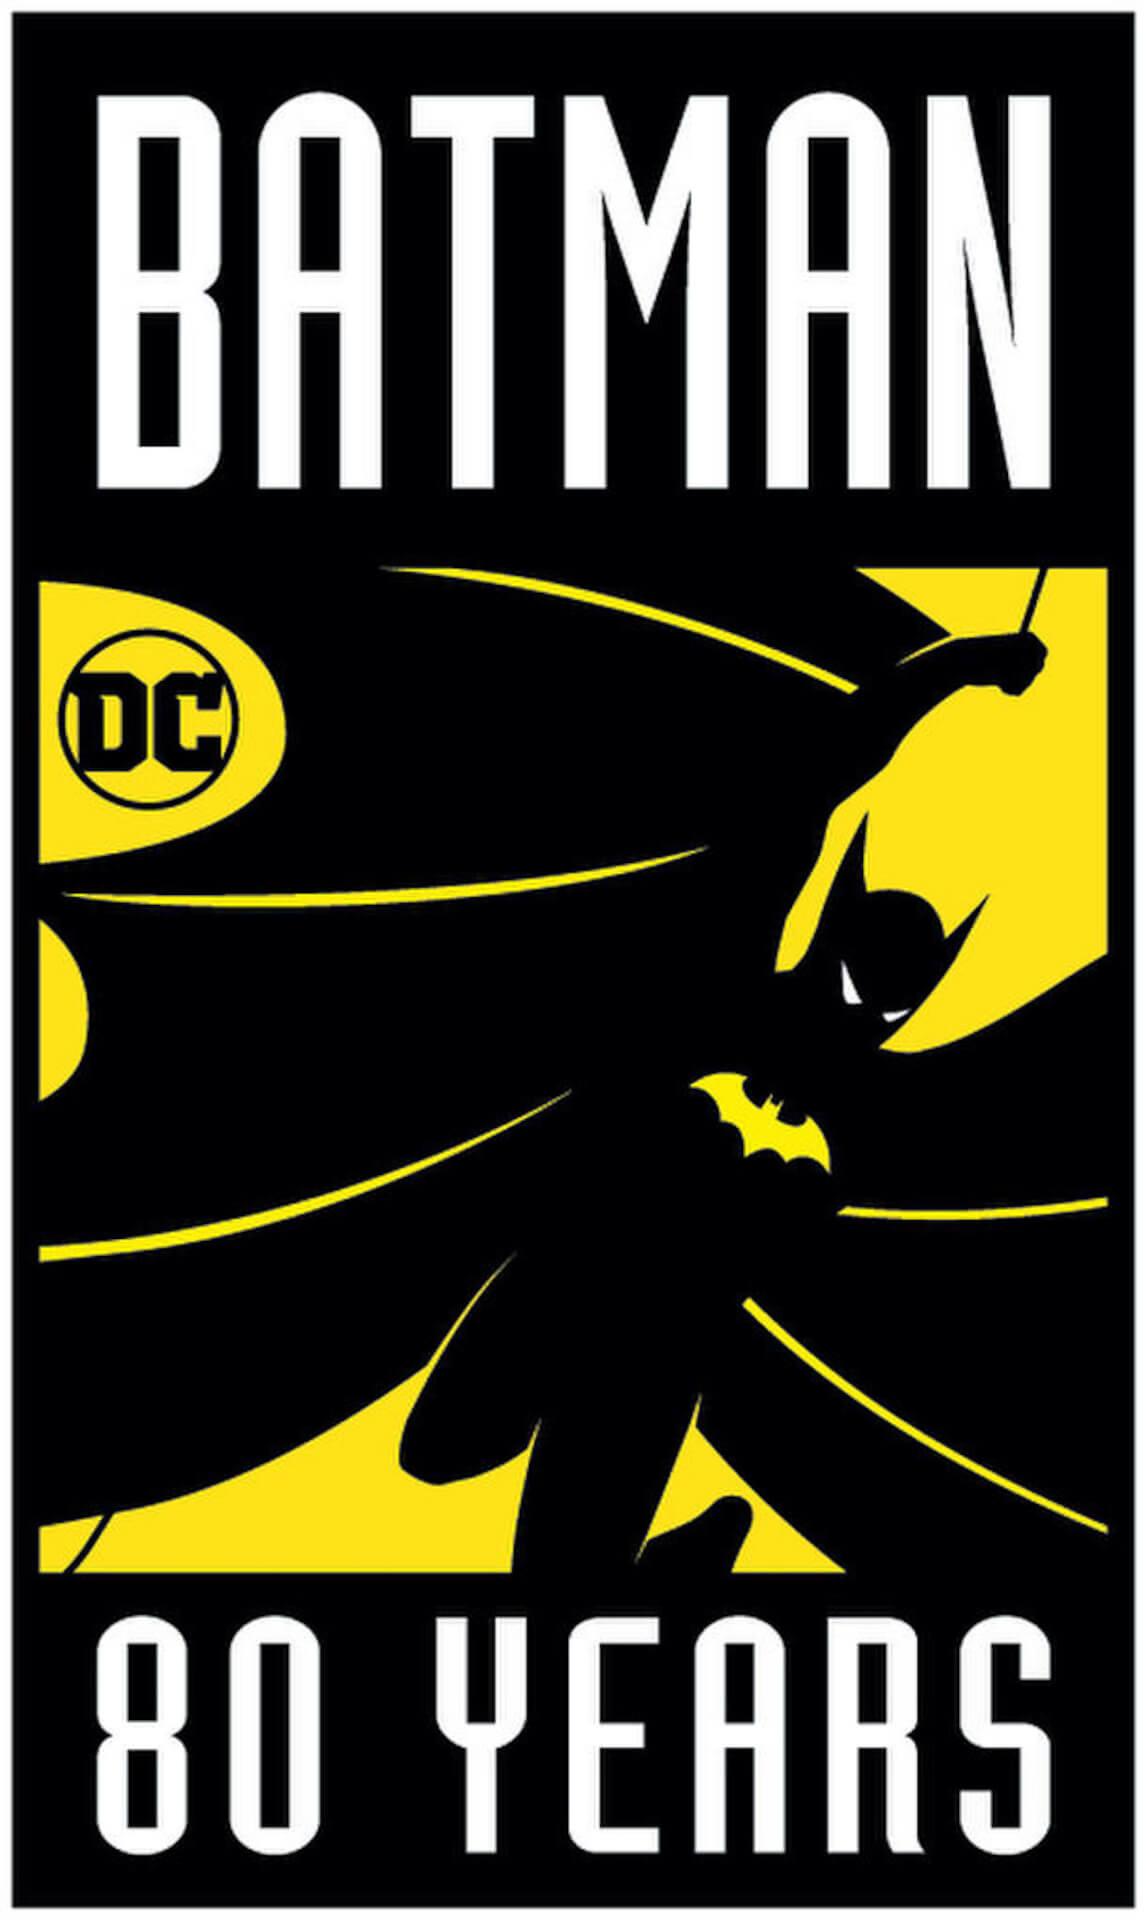 バットマン80周年記念!バットマン映画8作品が各局で放送|渋谷では「バットシグナル」も照射、コラボグッズ販売も film190917_batman80_01